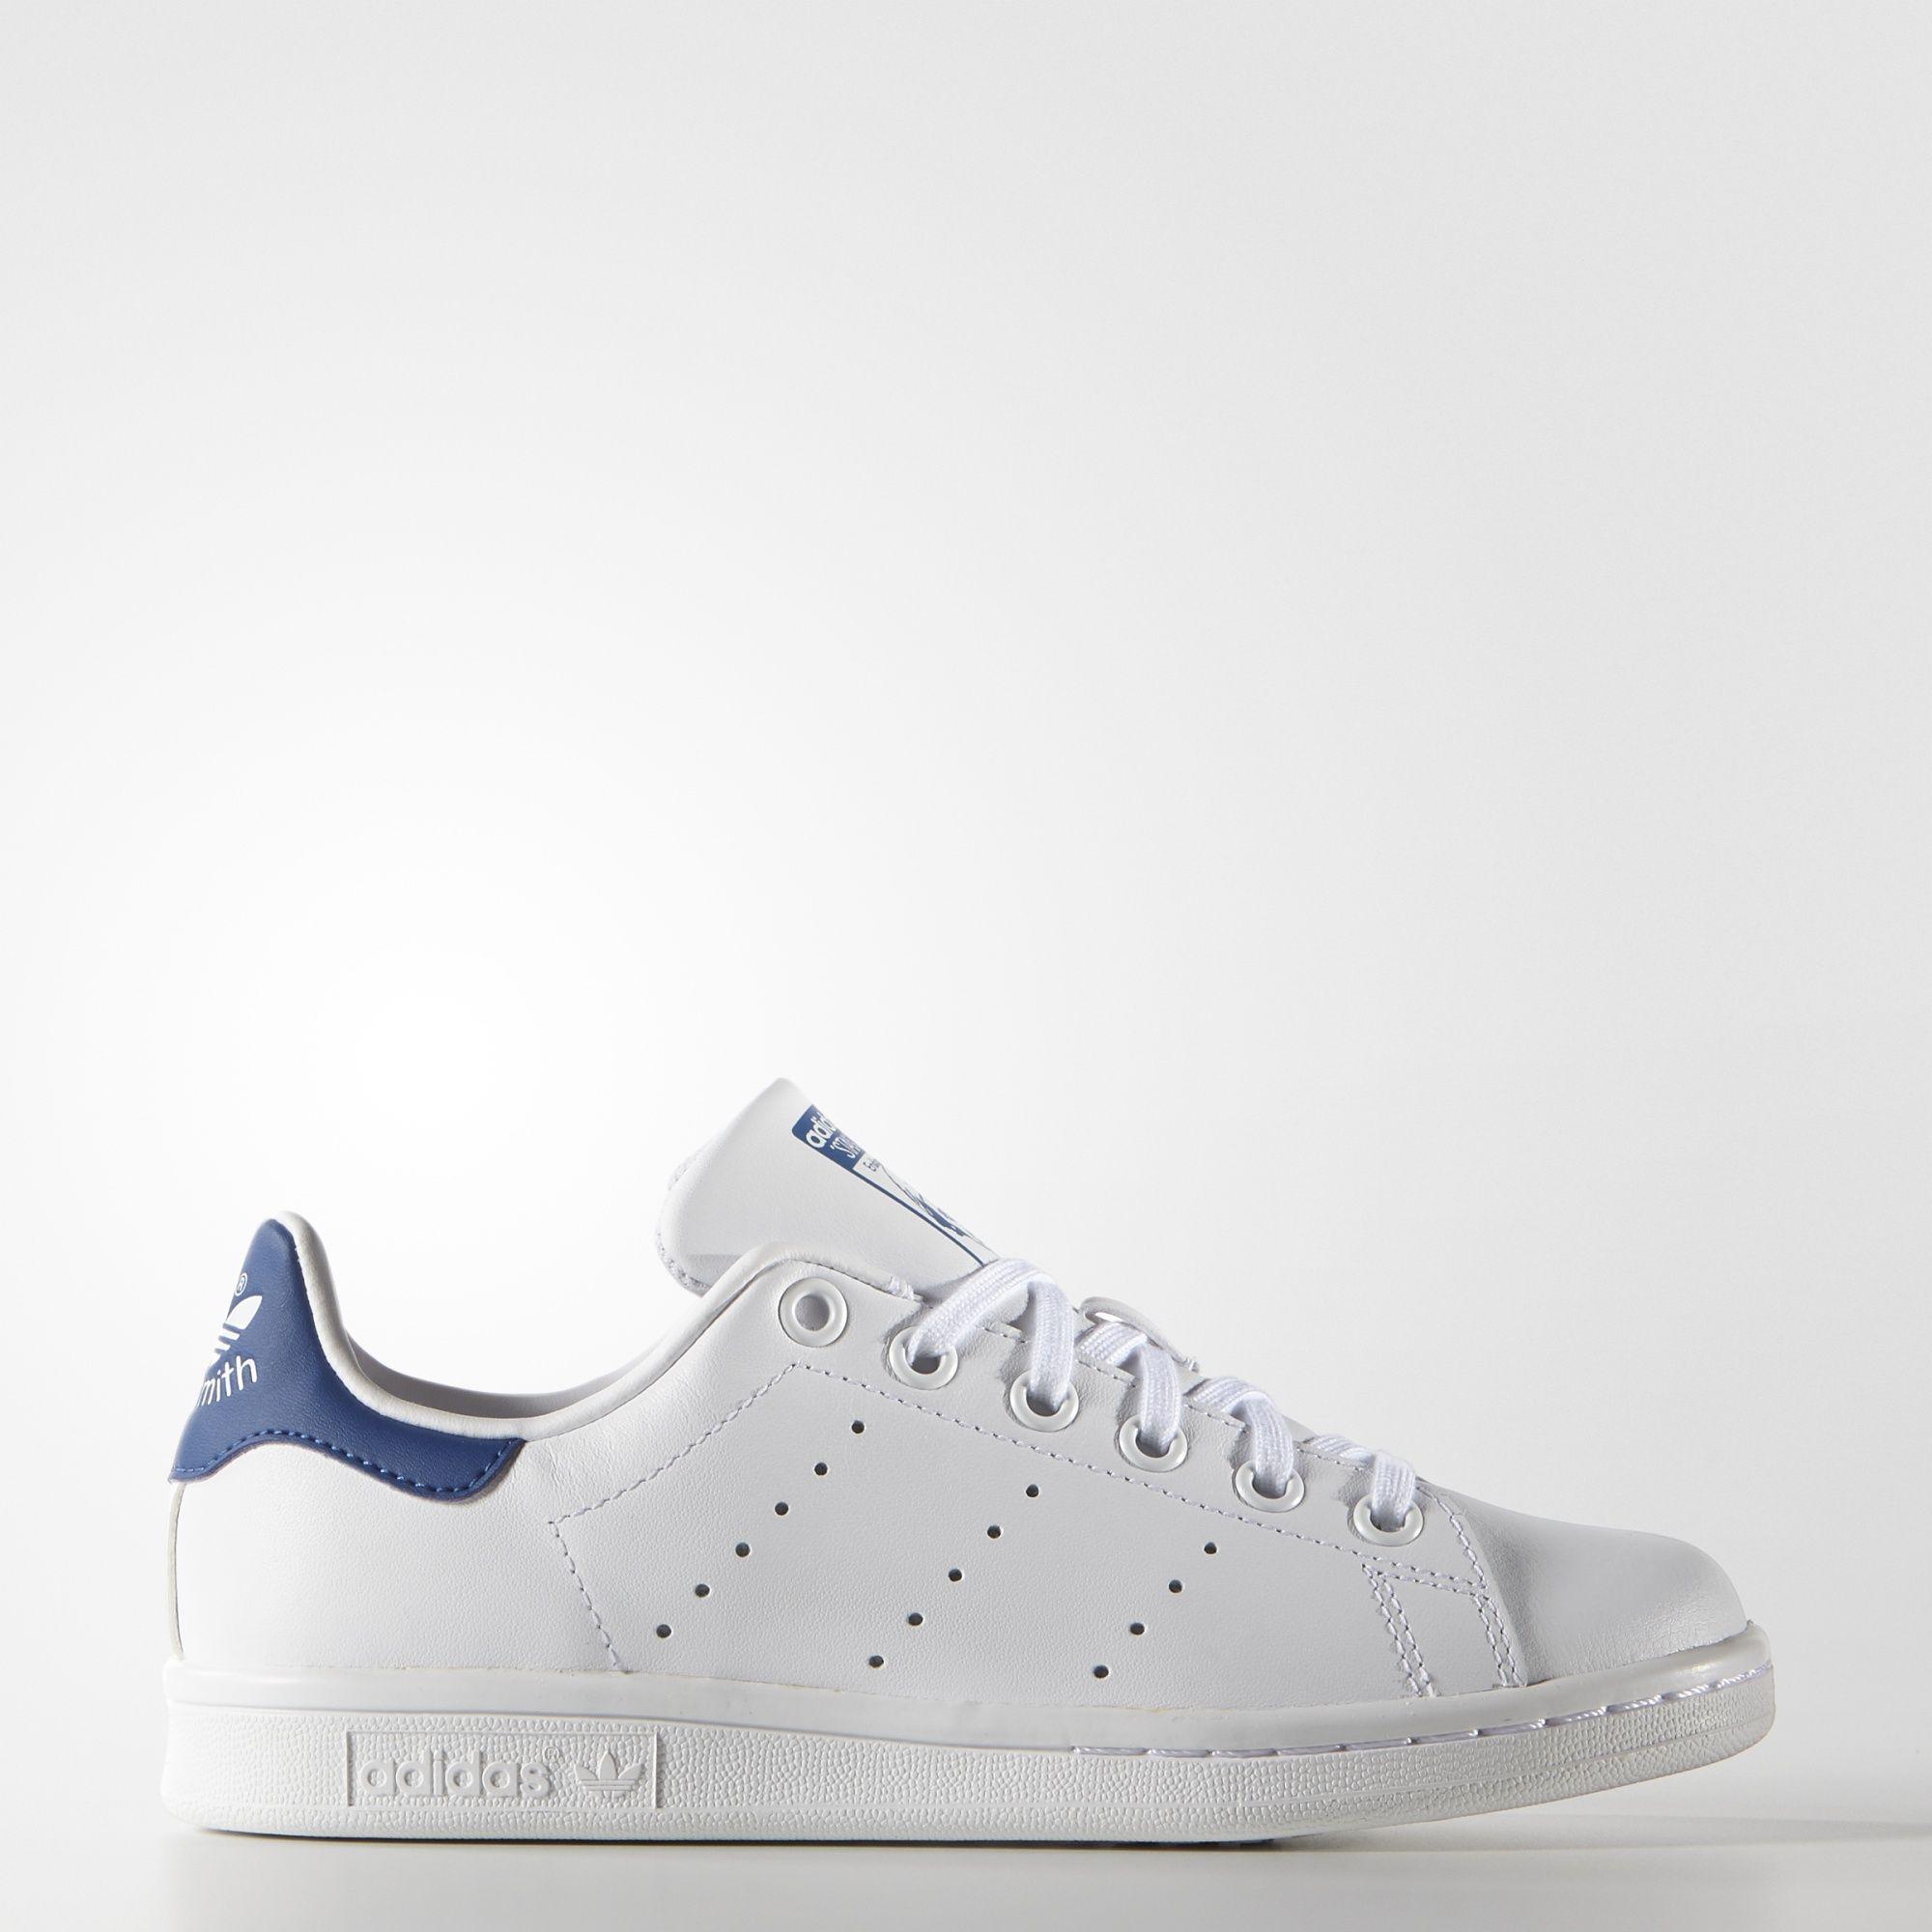 adidas Stan Smith Shoes White | adidas US | Stan smith